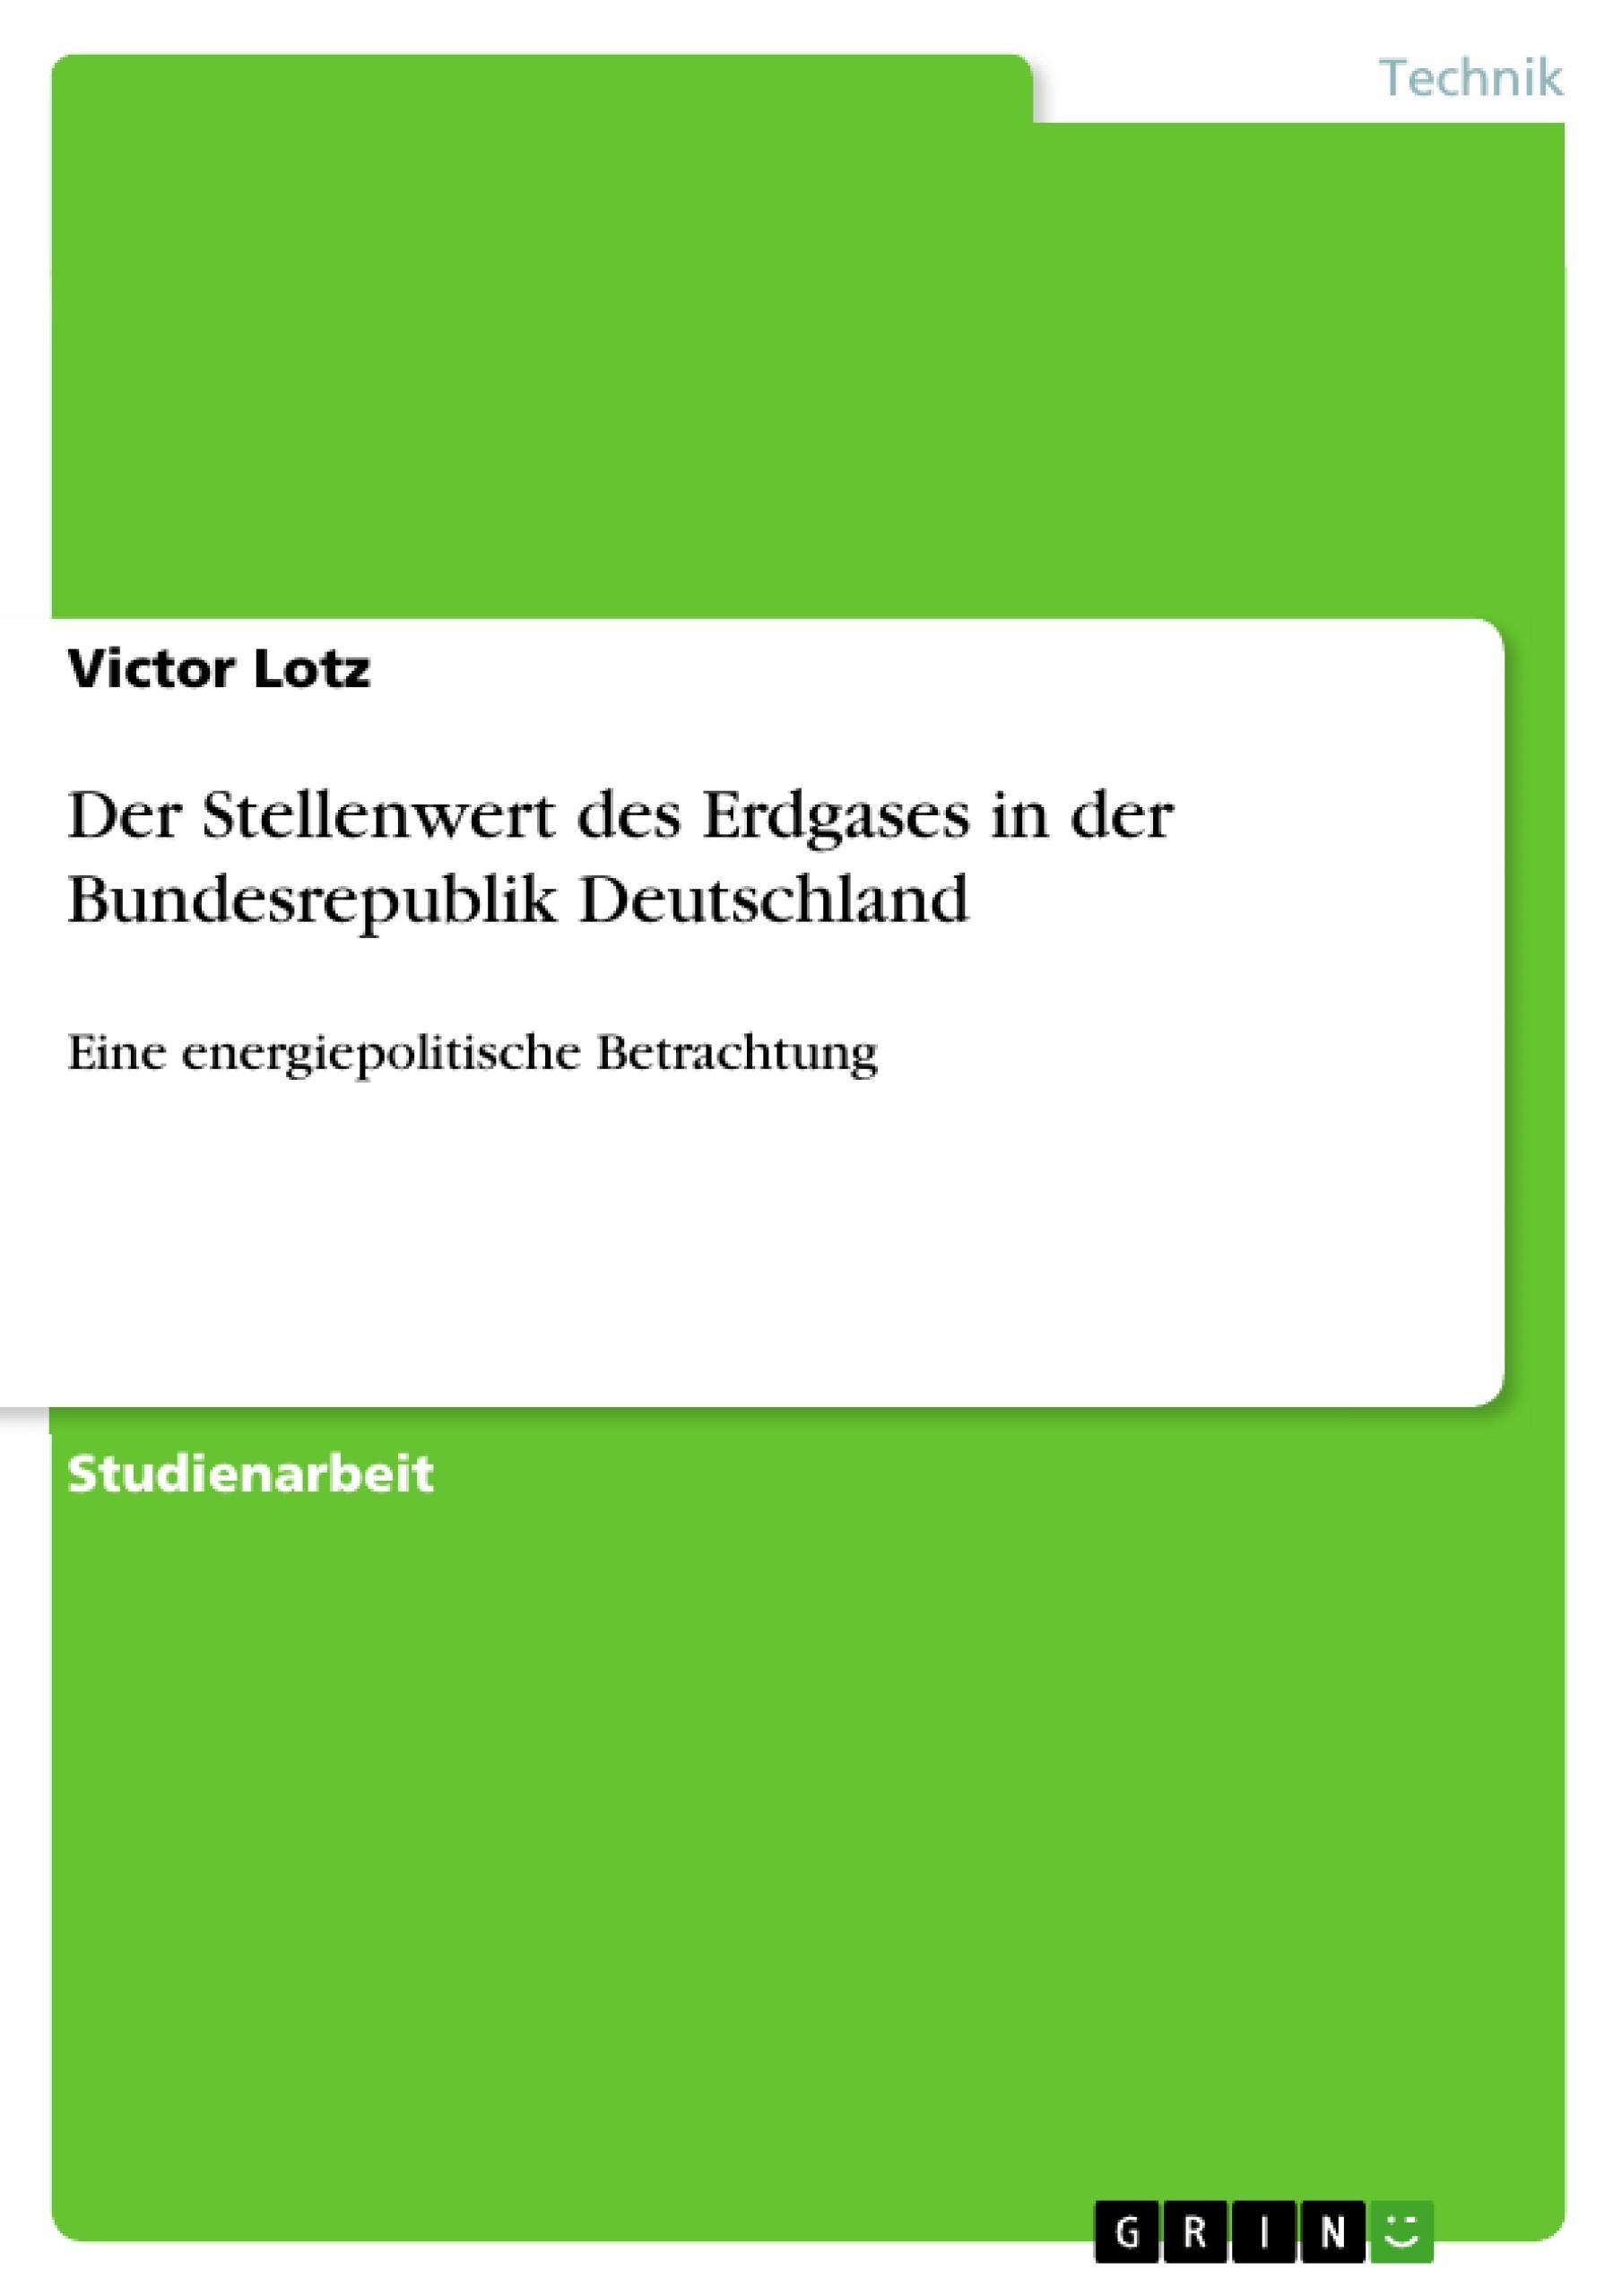 Titel: Der Stellenwert des Erdgases in der Bundesrepublik Deutschland